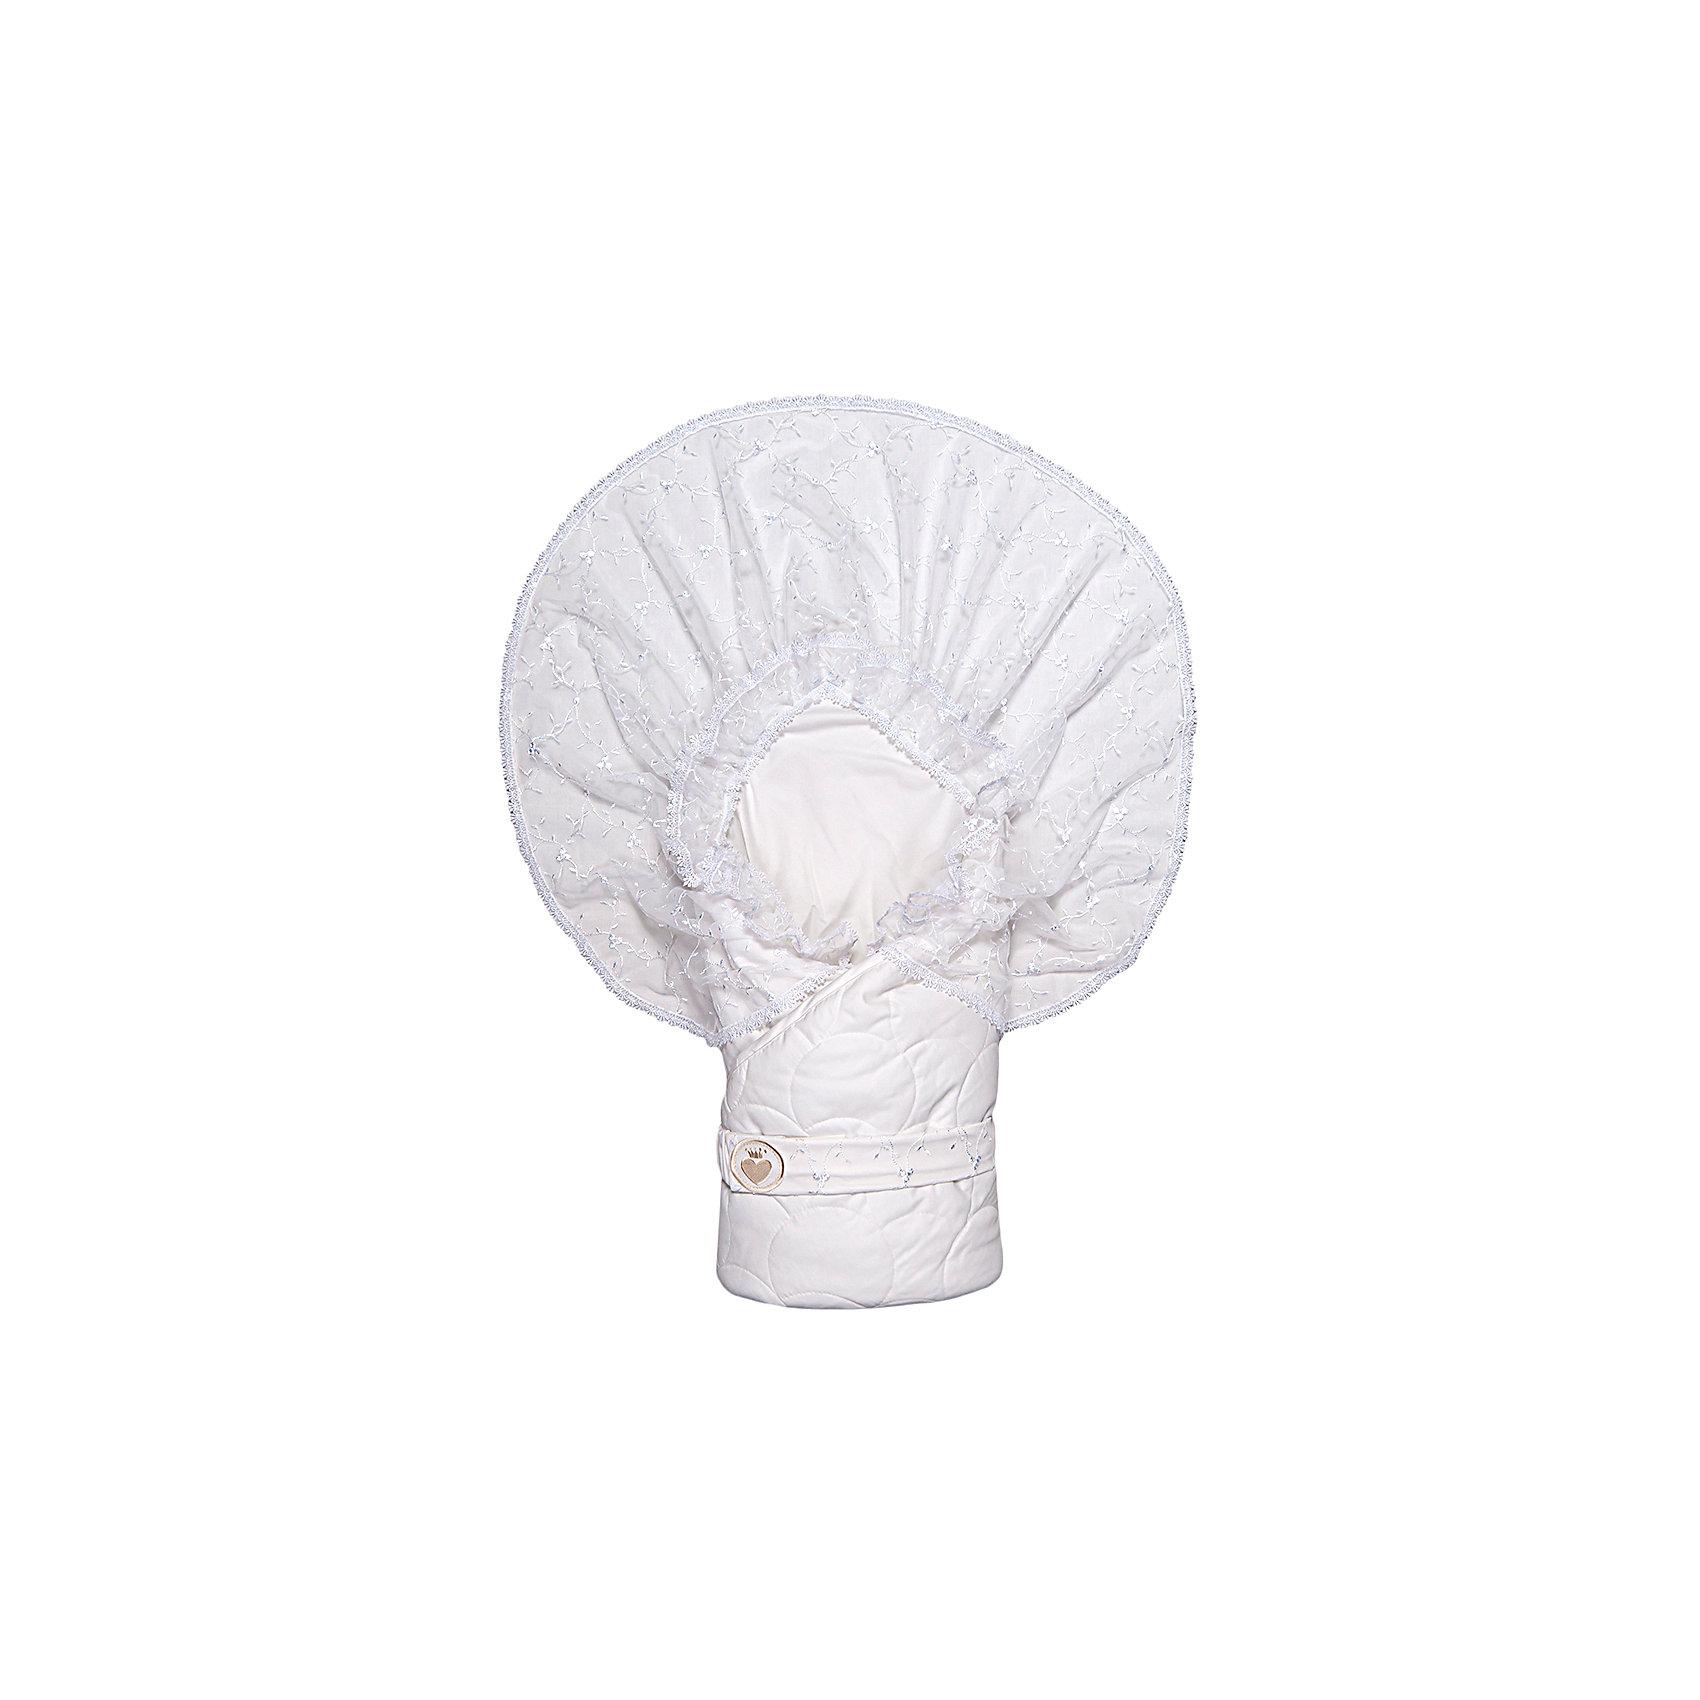 Конверт-одеяло на выписку Малютка, Сонный гномик, белый